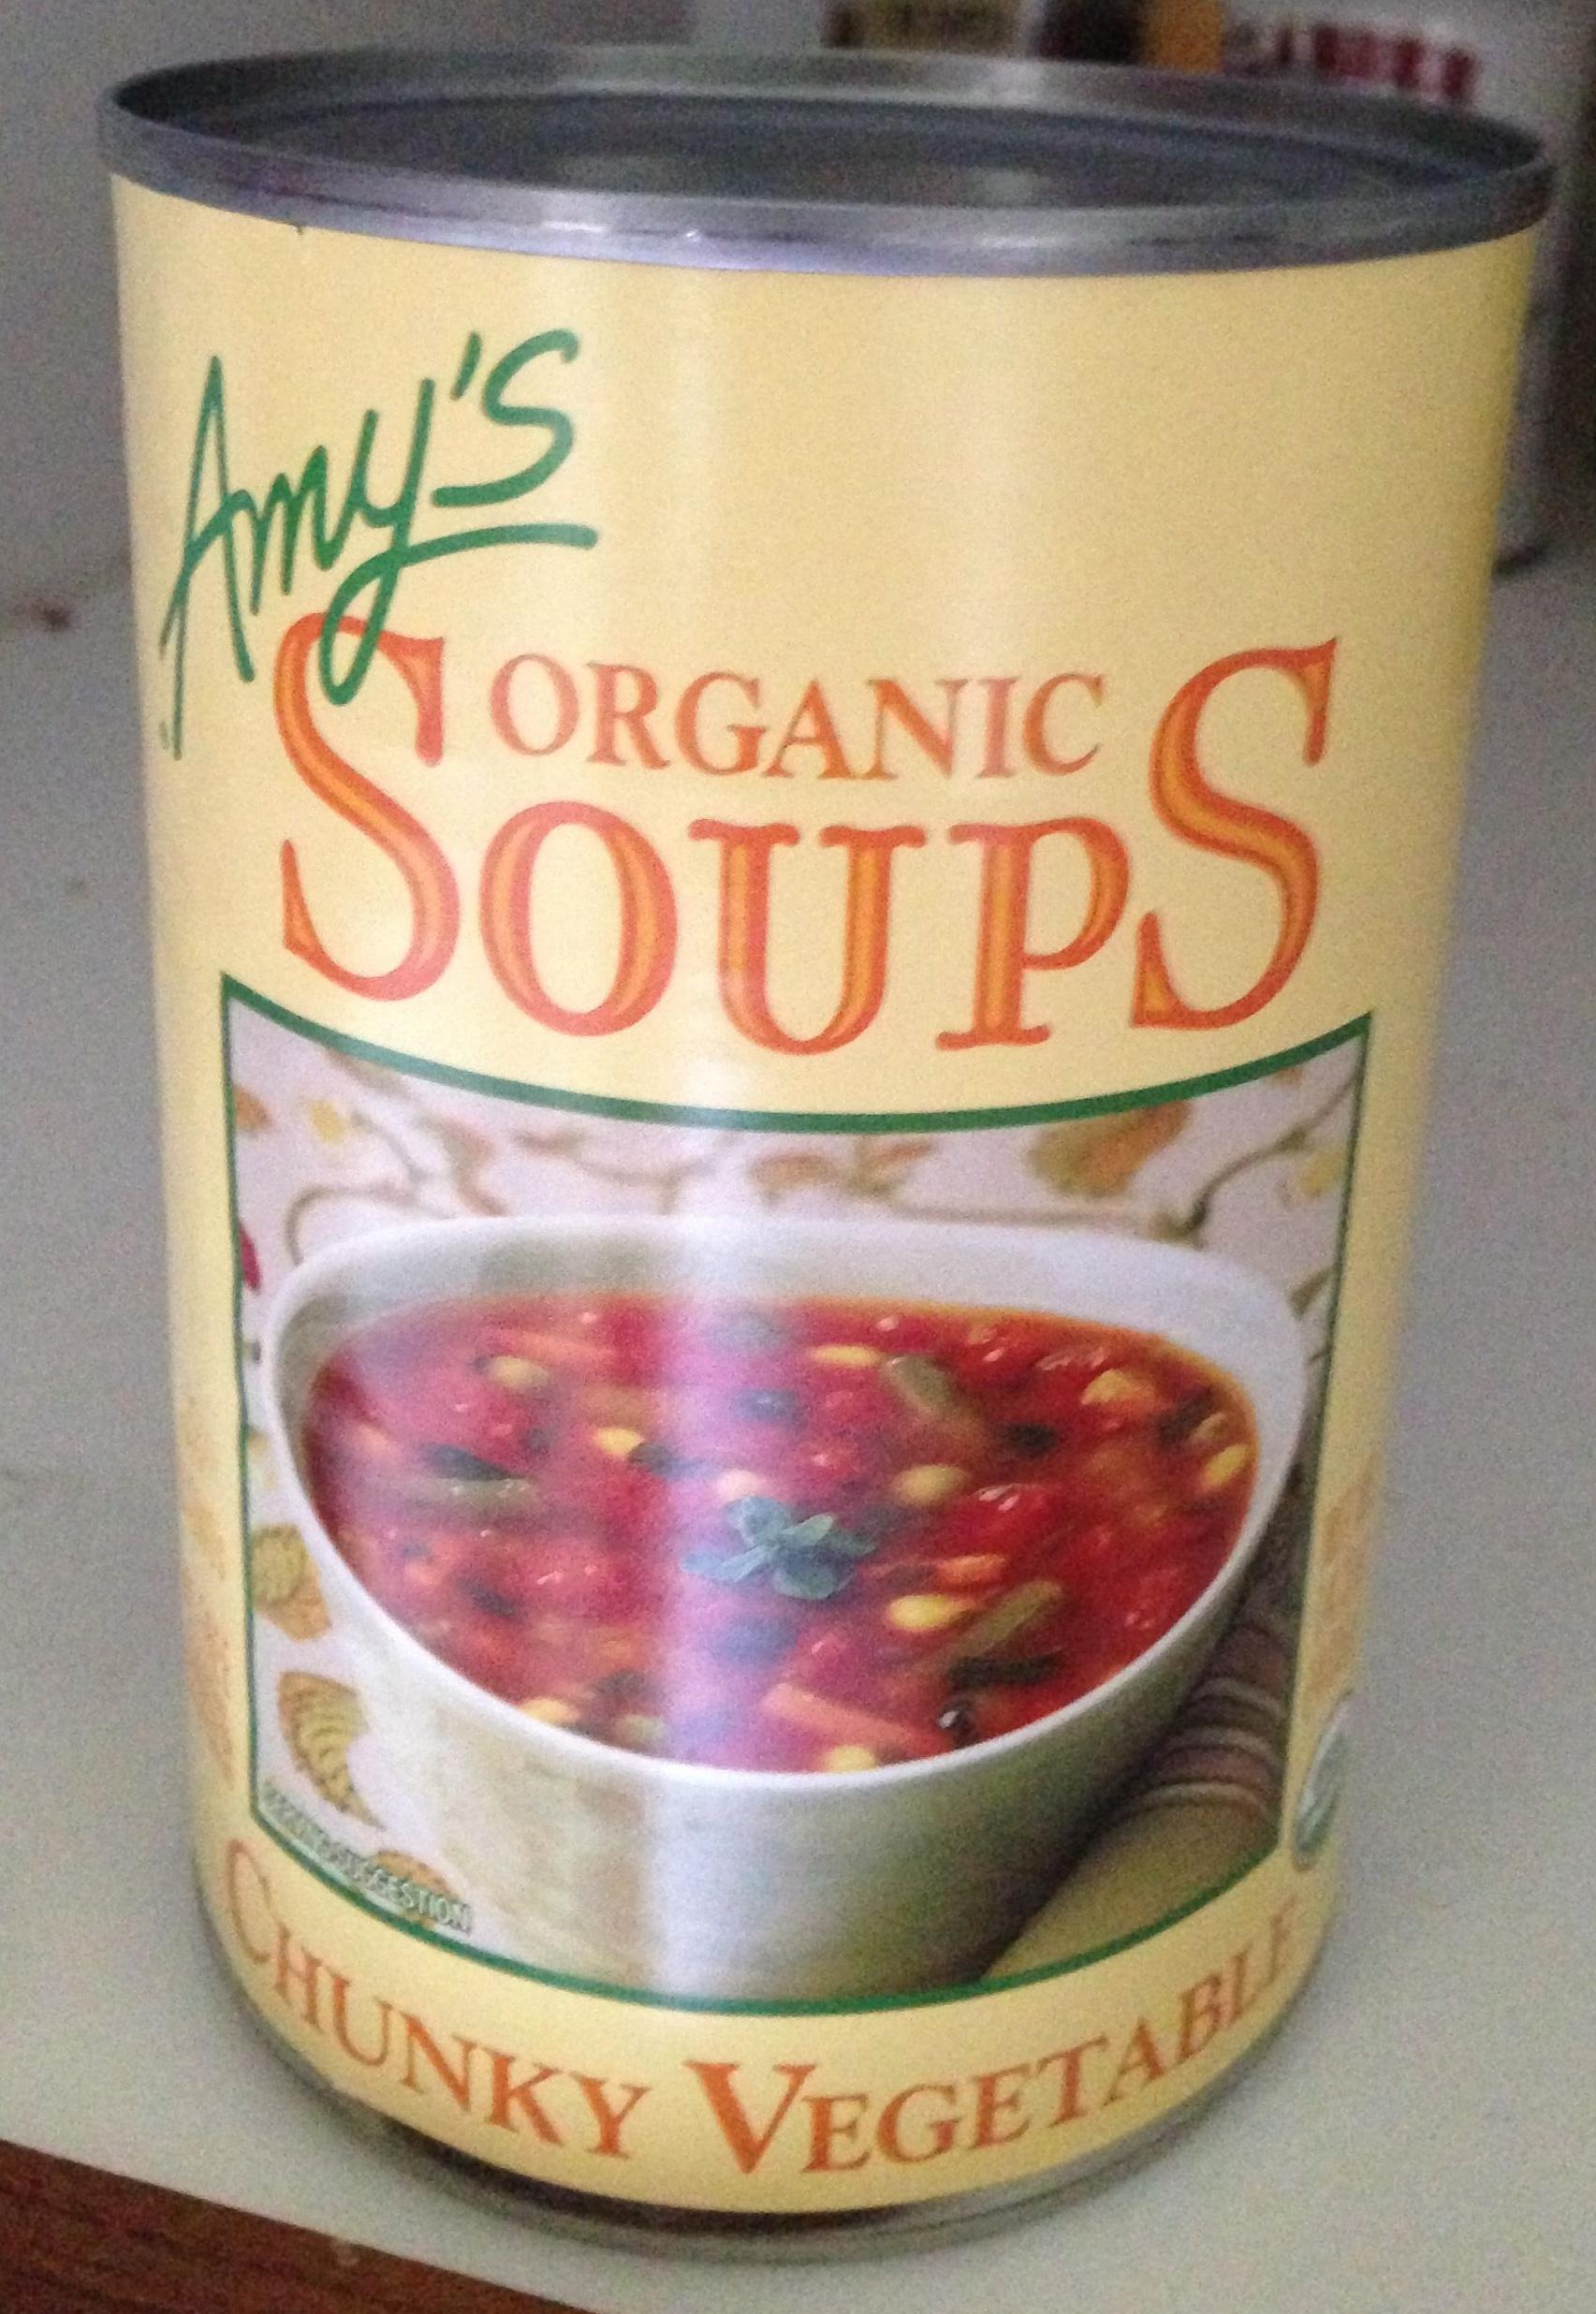 Chunky veg soup - Product